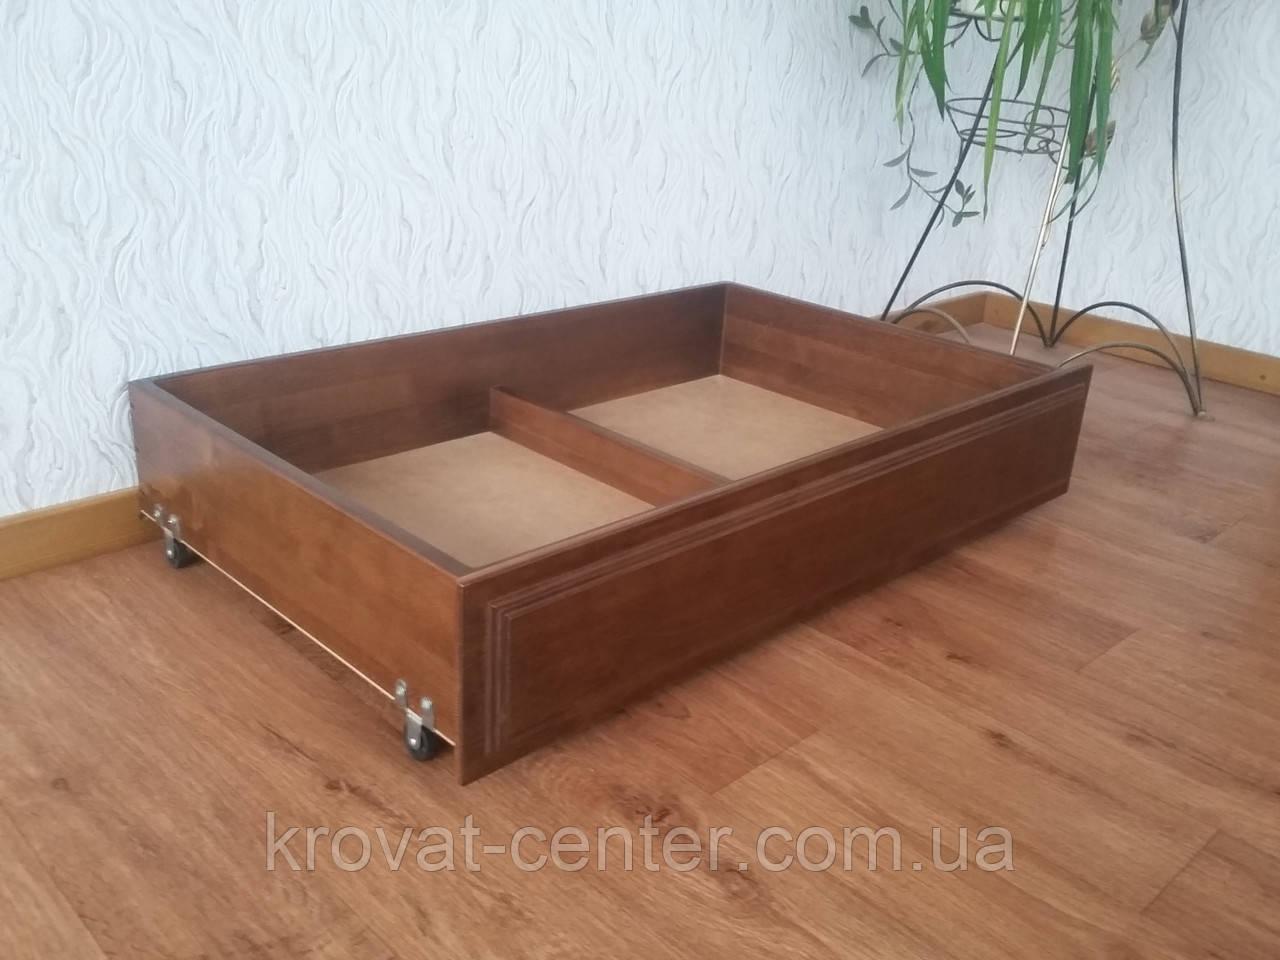 Деревянный подкроватный ящик на колесиках от производителя